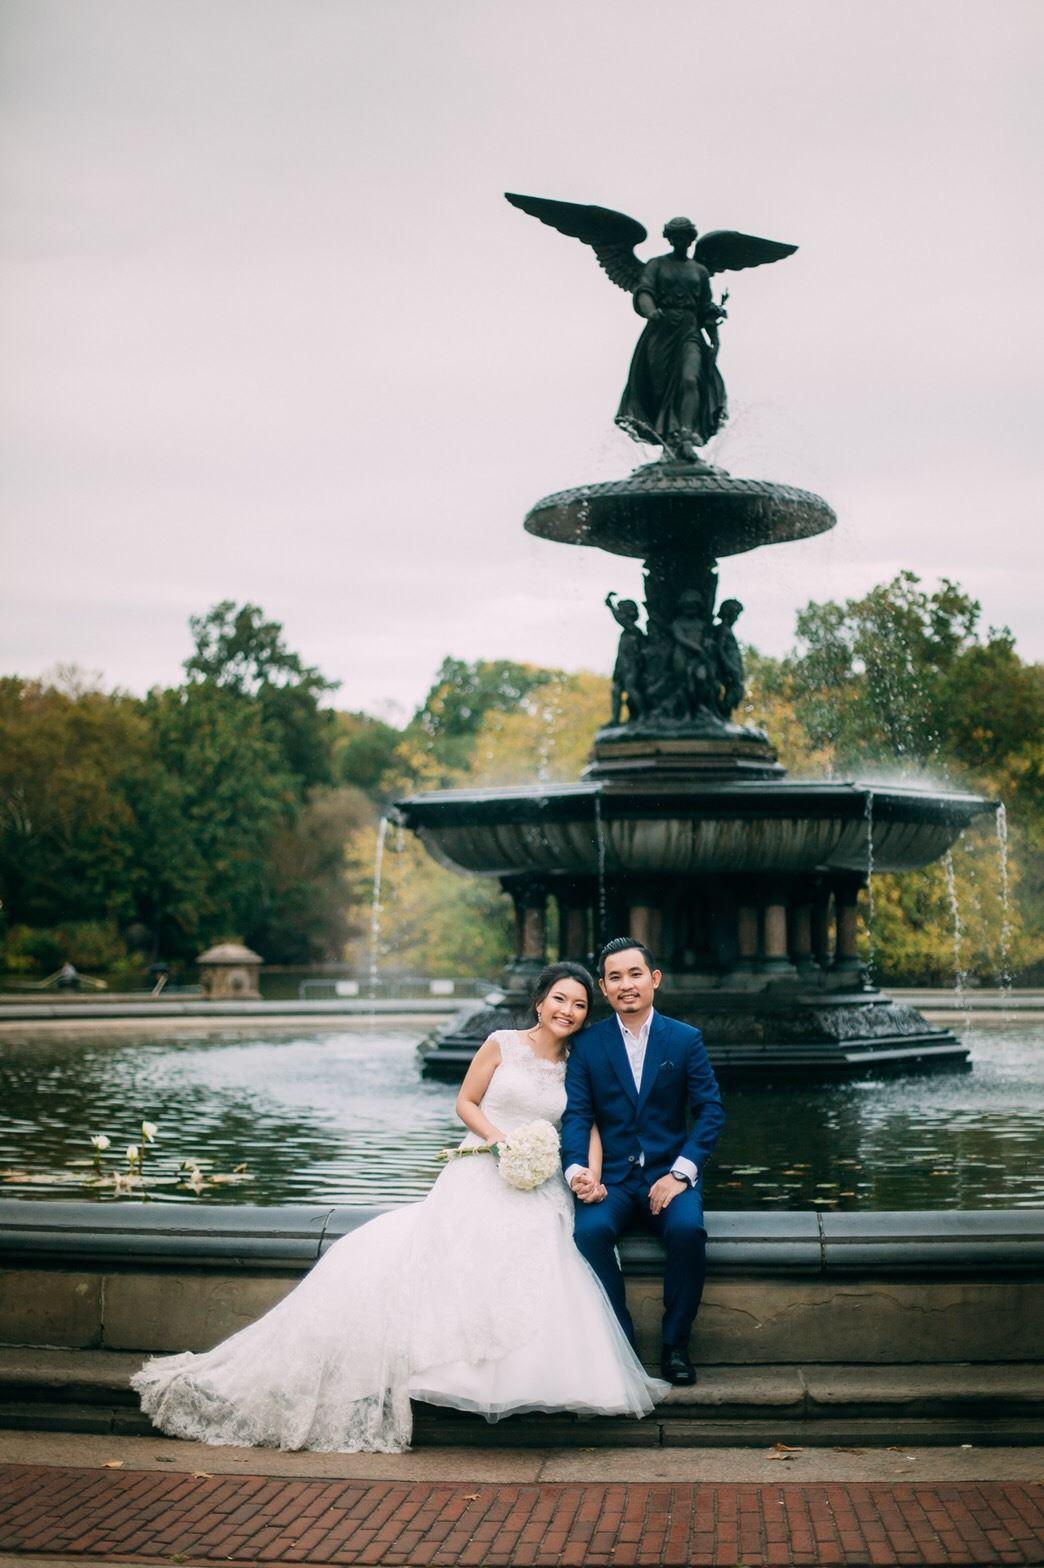 สูทเจ้าบ่าว_สูทแต่งงาน_wedding_suit_groom_suit_038